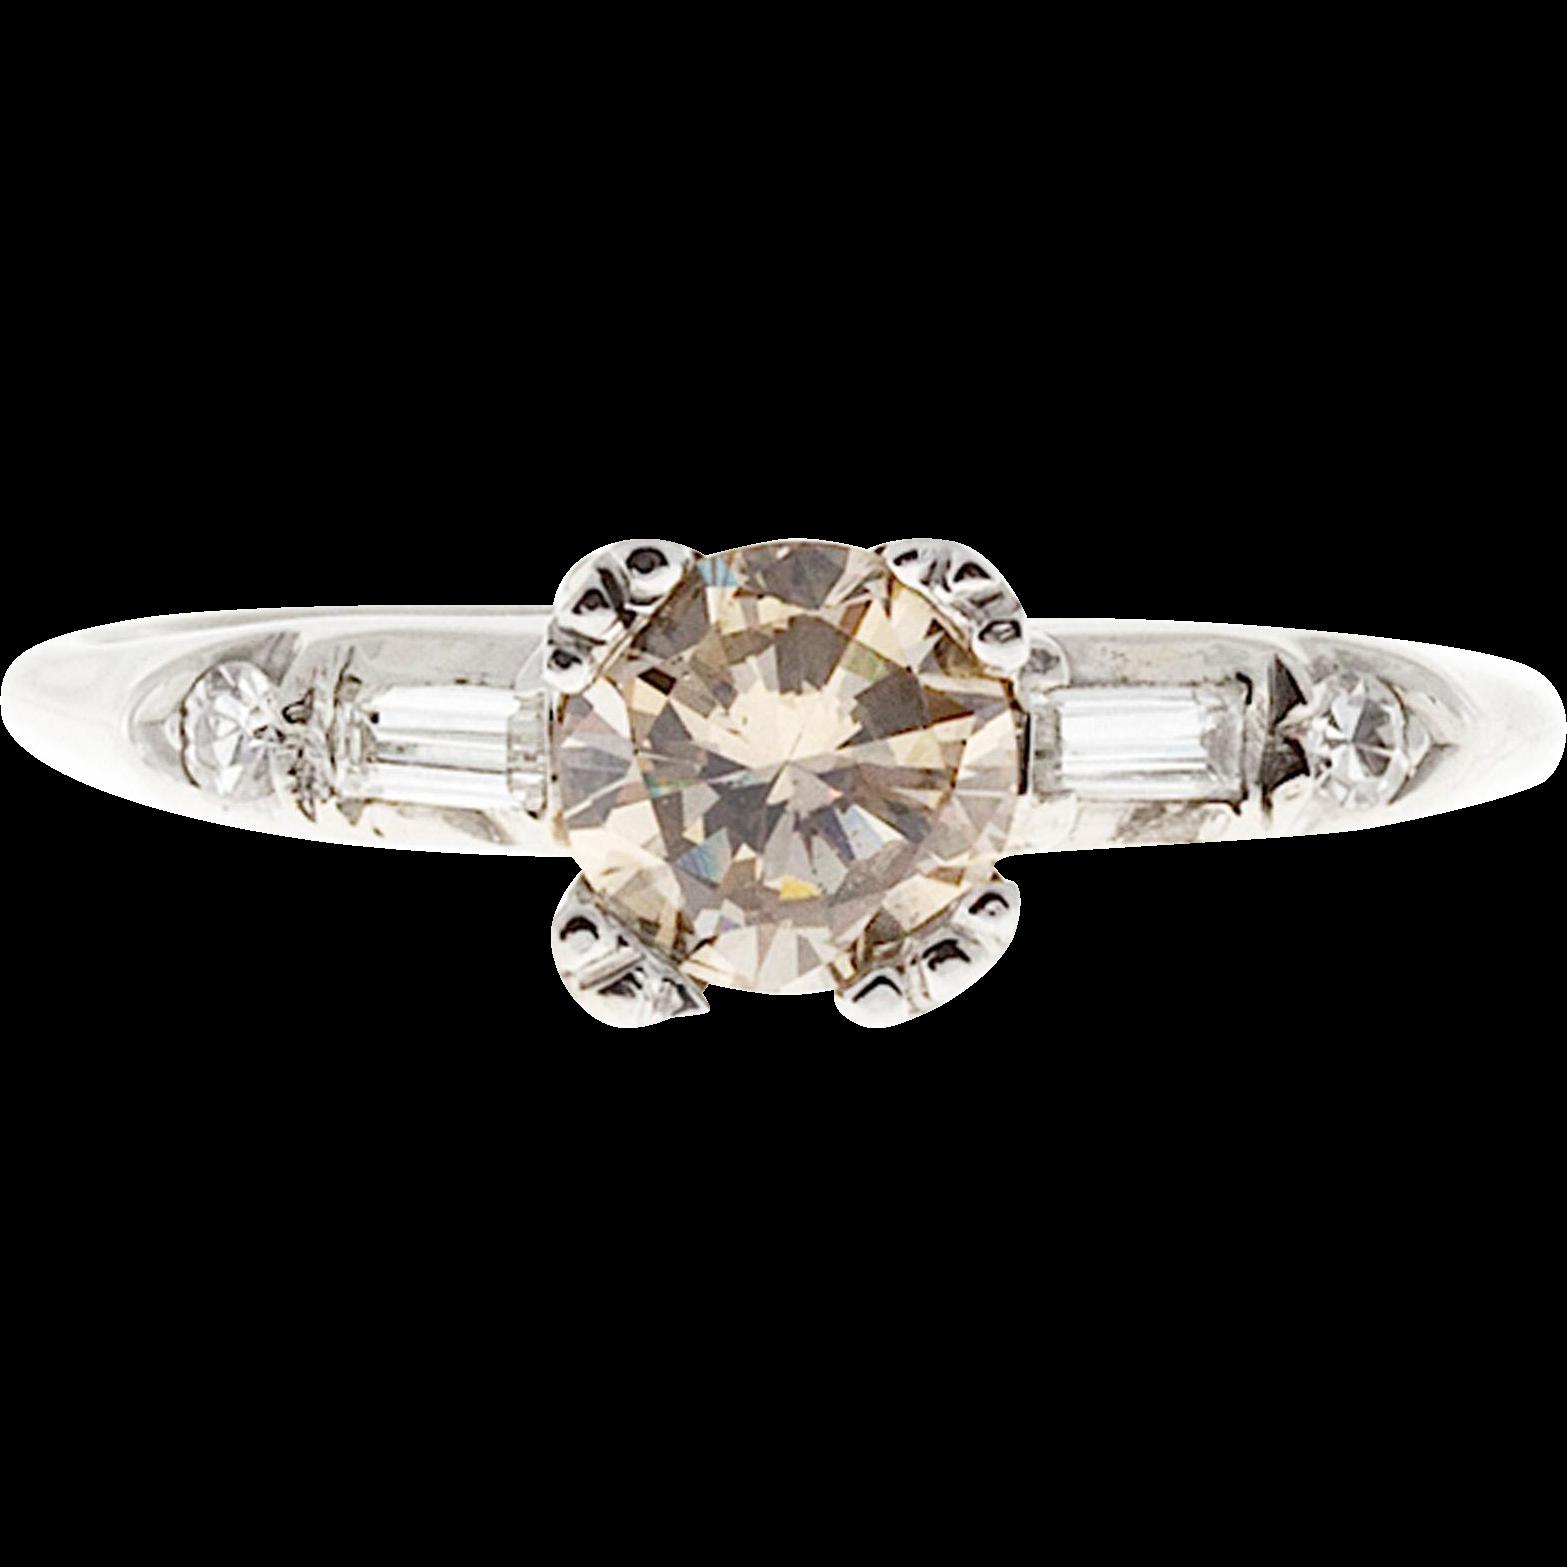 GIA Certified Light Brown .60 Carat Diamond 18 Karat White Gold Engagement Ring